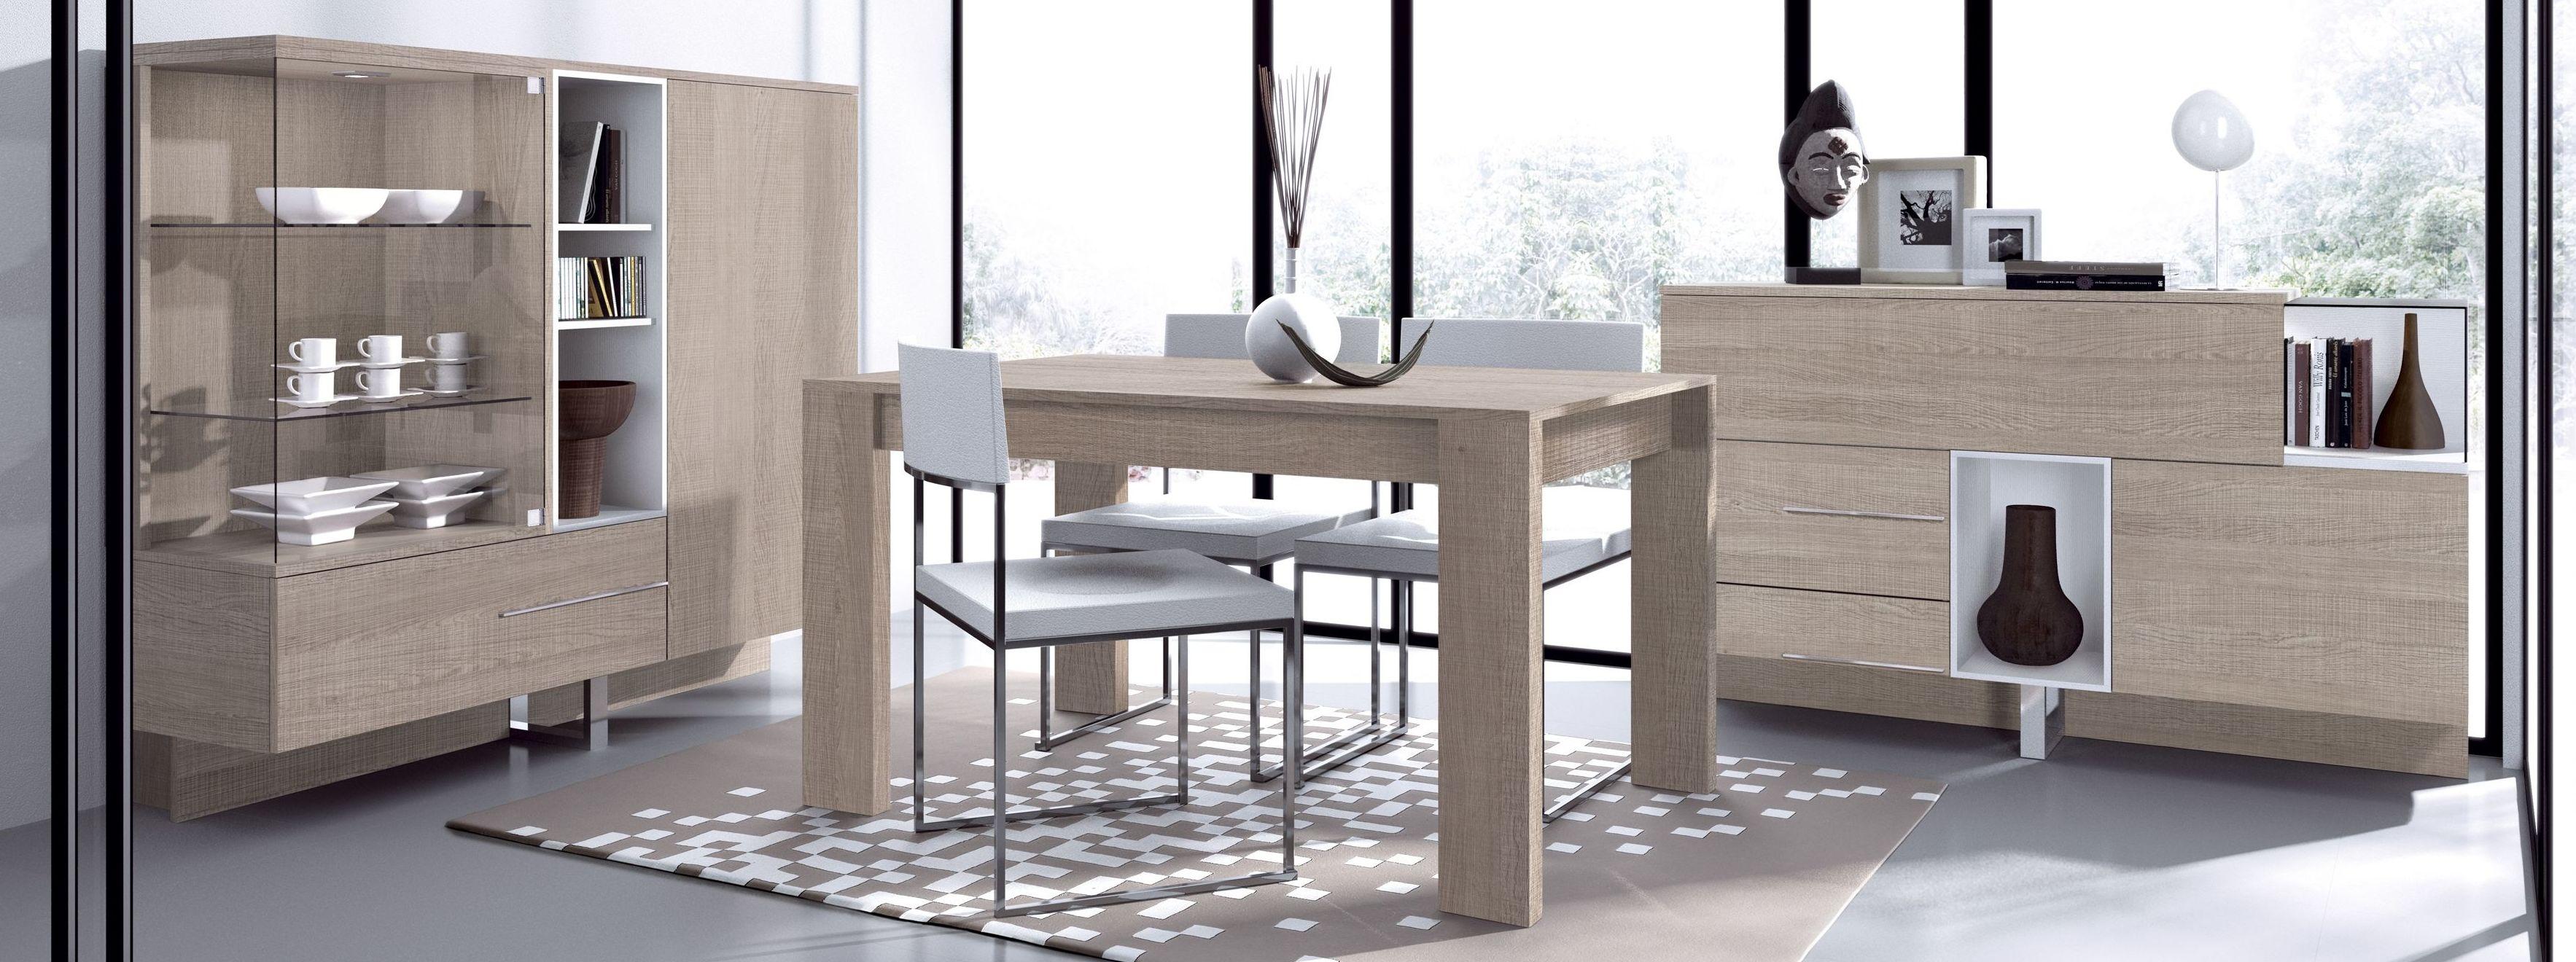 Salones cat logo de muebles y sof s de goga muebles - Muebles y complementos ...